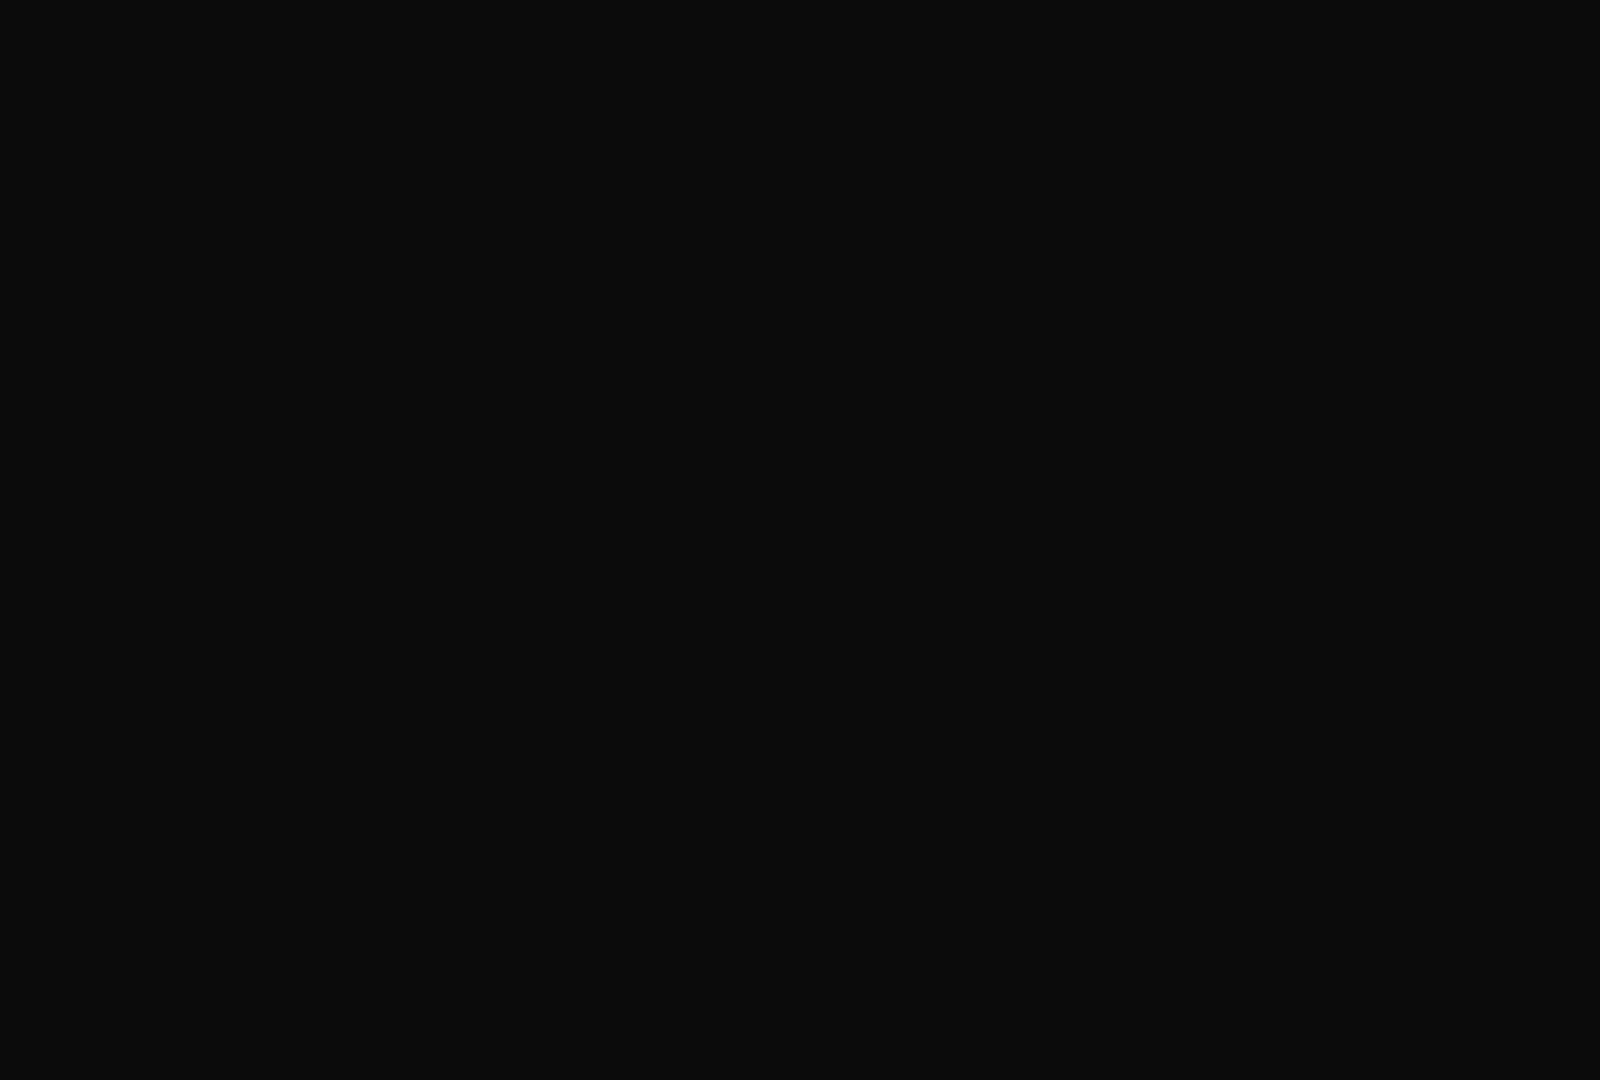 「充血監督」さんの深夜の運動会!! vol.053 セックスする女性達 オメコ動画キャプチャ 106画像 54